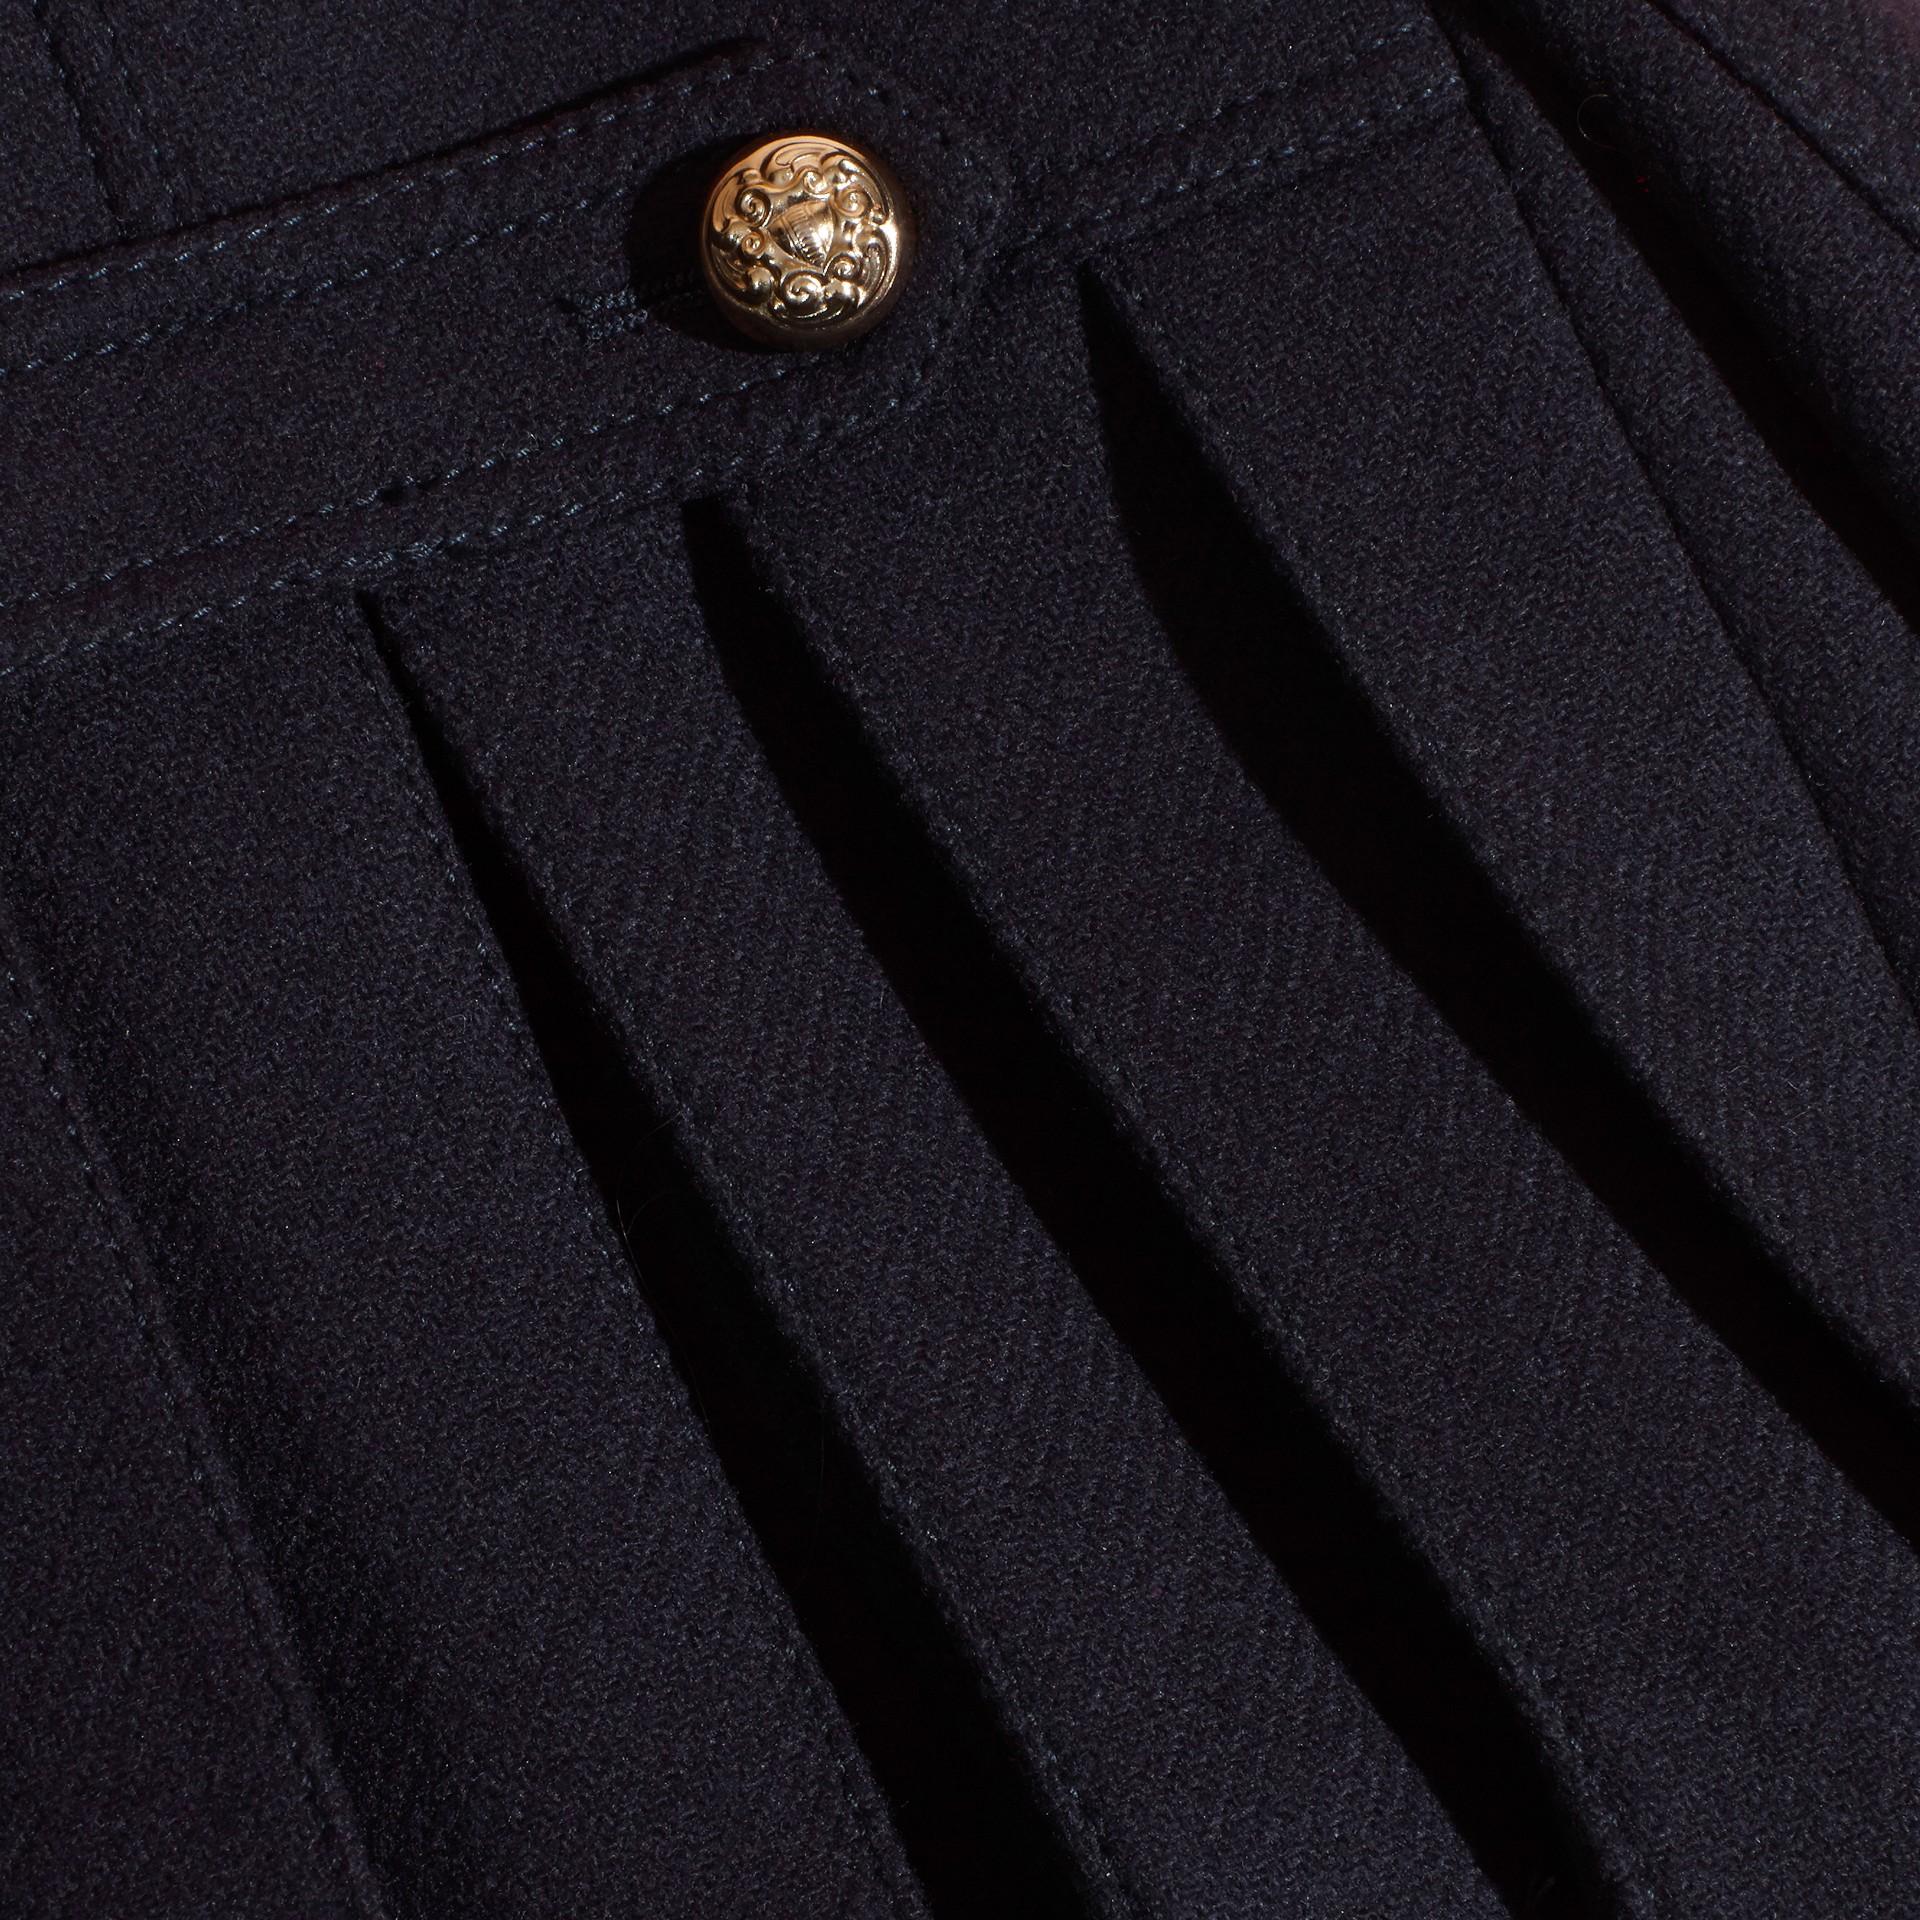 Azul marino Abrigo marinero militar en mezcla de lana y cachemir con detalles plisados - imagen de la galería 2